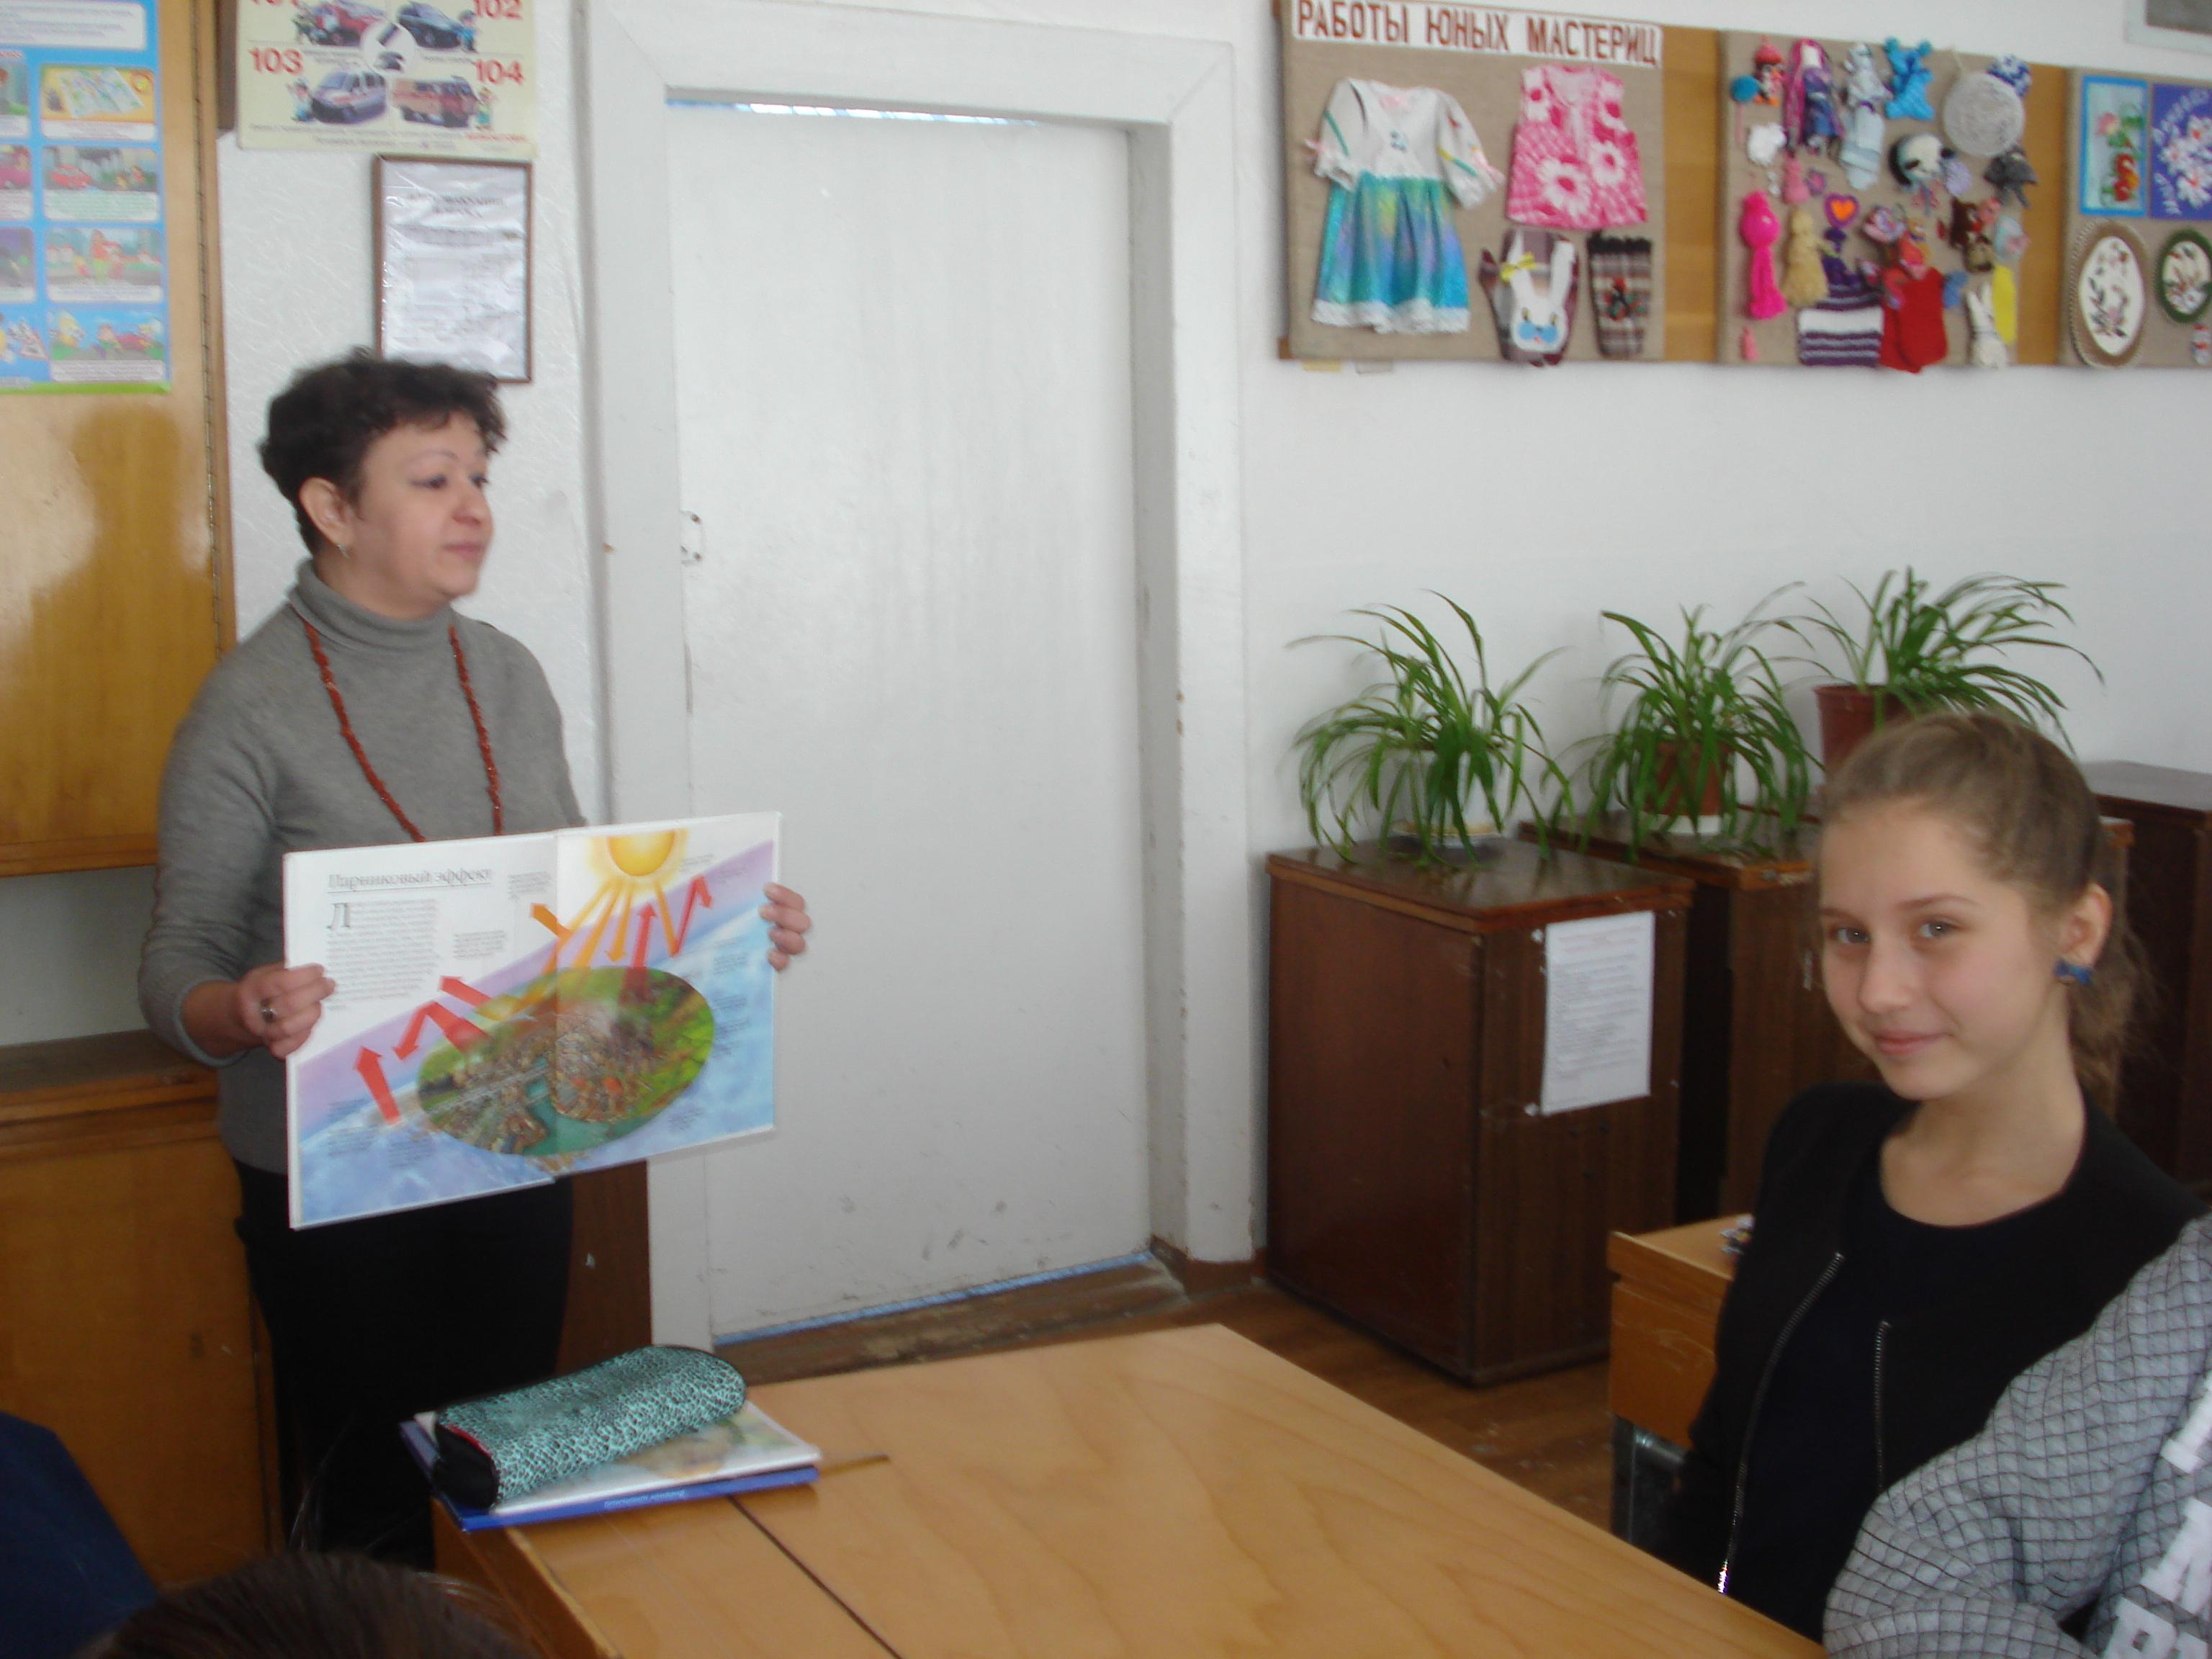 с любовью к родной природе, донецкая республиканская библиотека для детей, отдел обслуживания учащихся 5-9 классов, экологическое воспитание детей, занятия с детьми